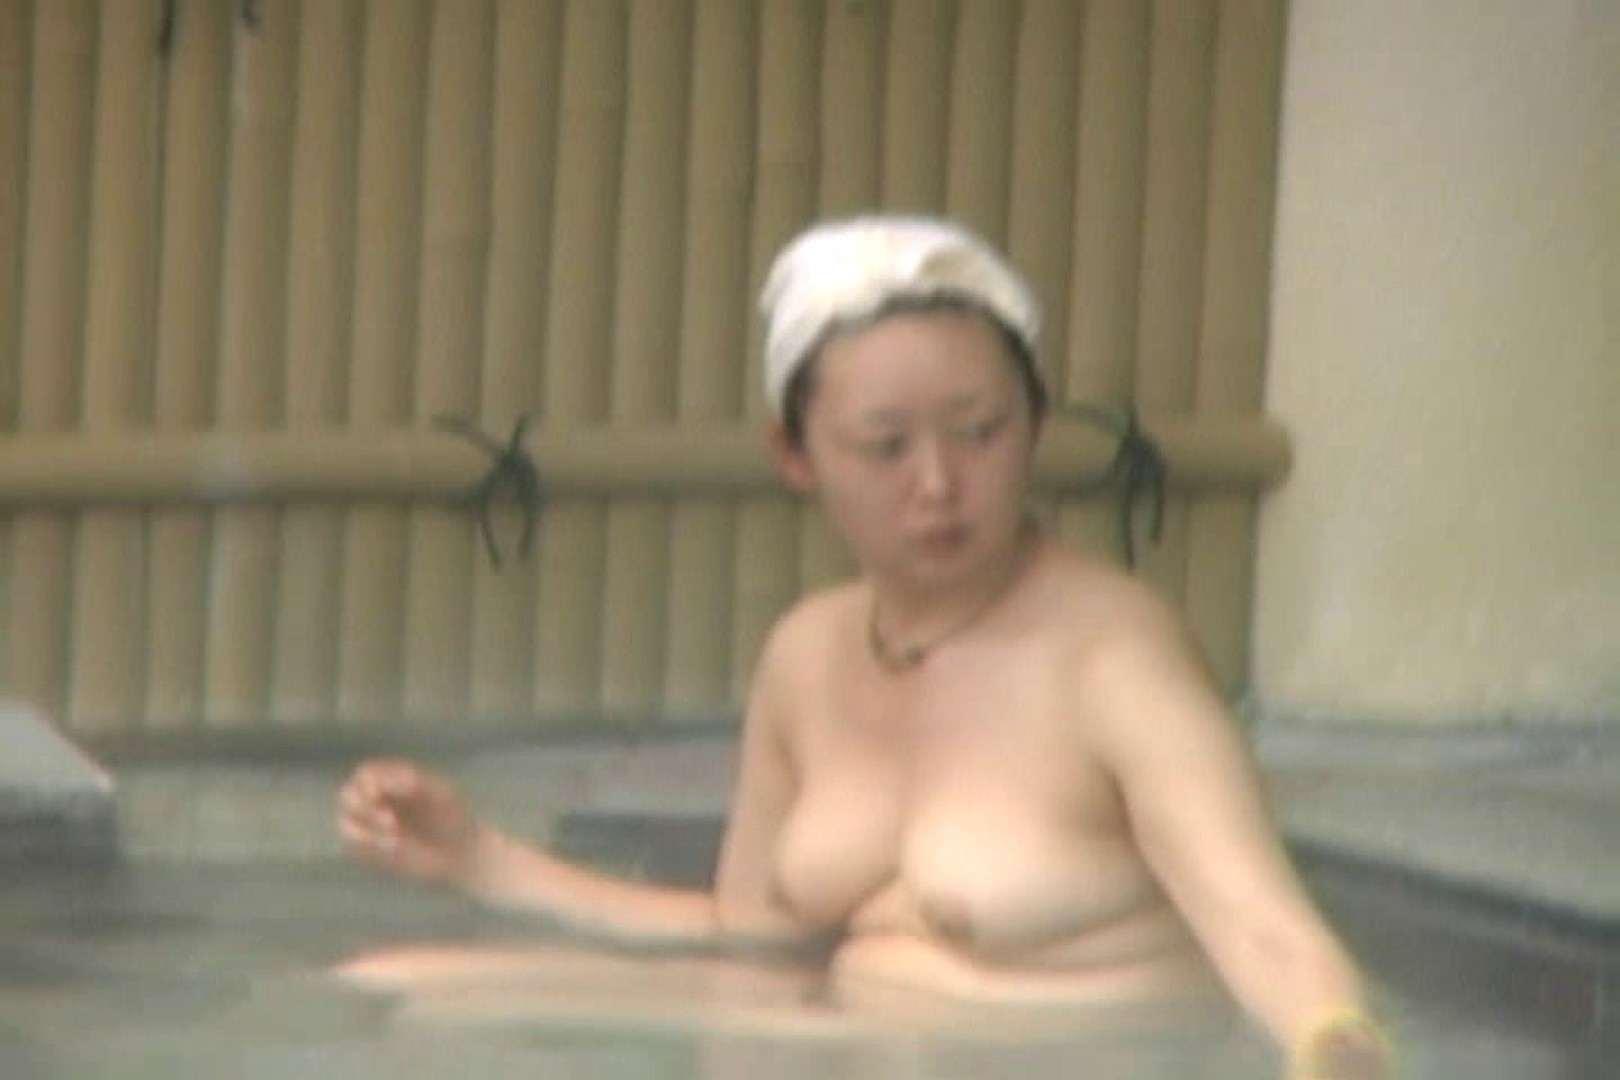 Aquaな露天風呂Vol.564 美しいOLの裸体   盗撮師作品  100pic 73